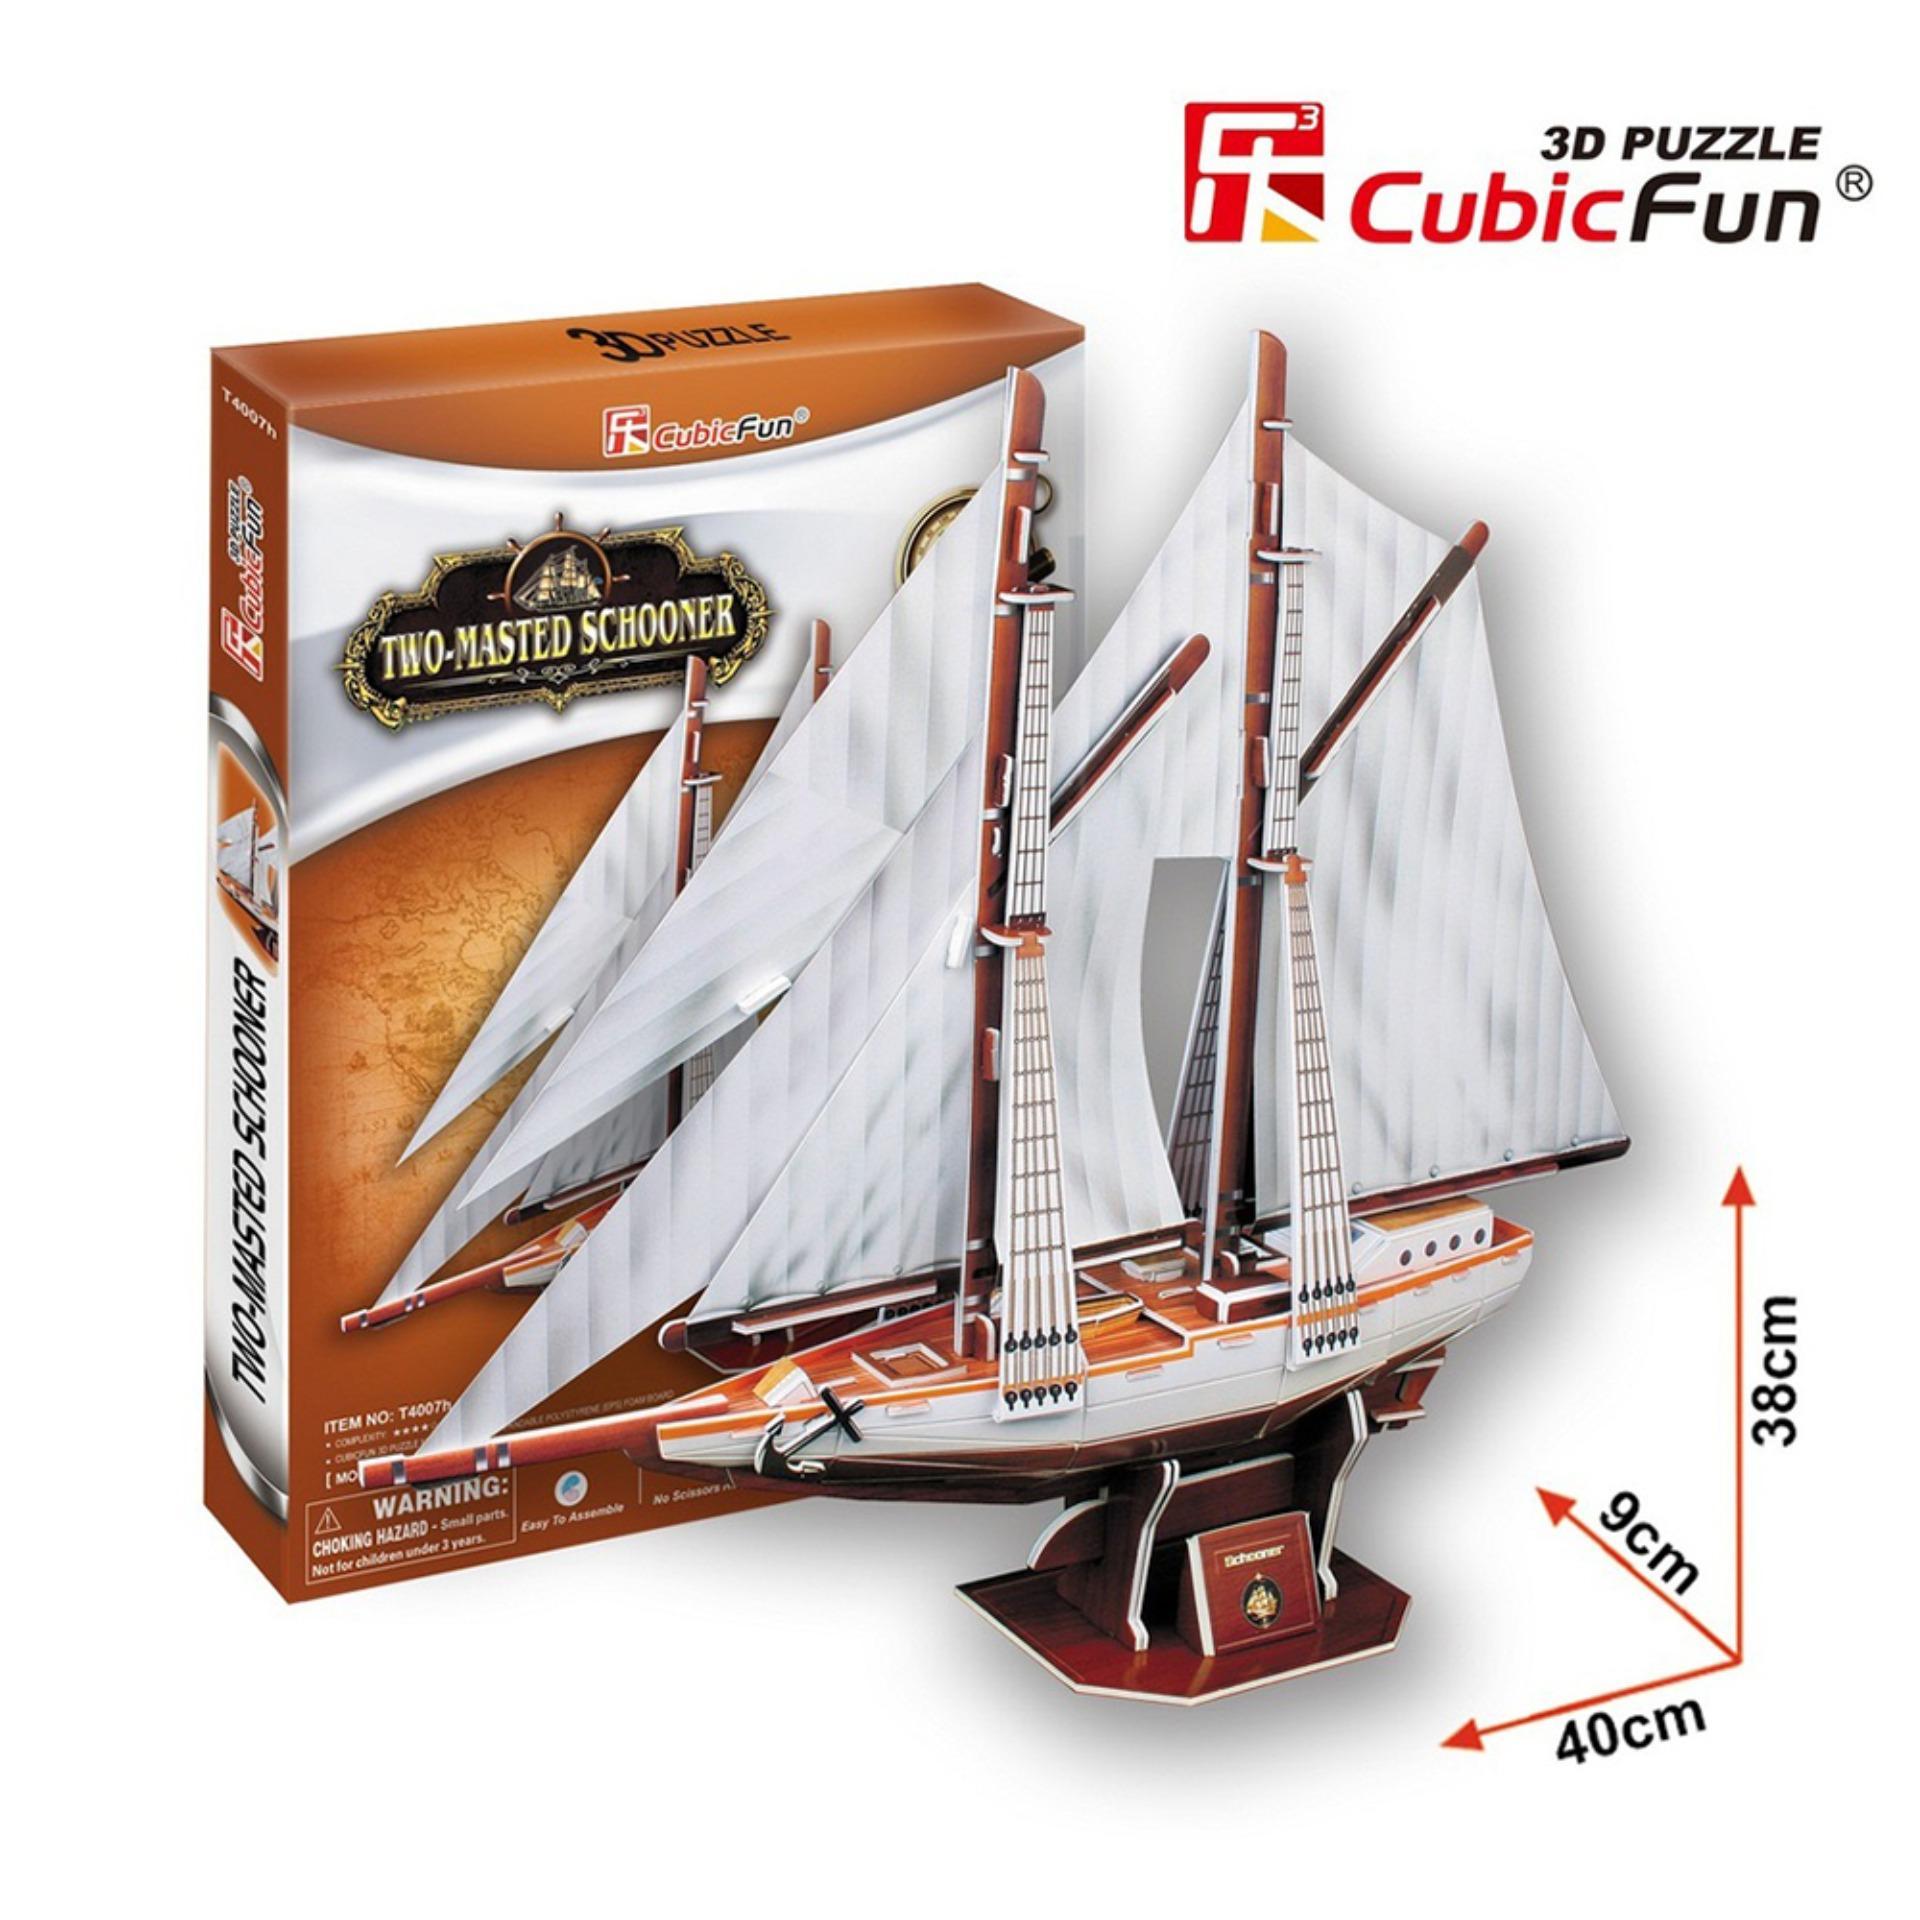 Hình ảnh Đồ chơi xếp hình trí tuệ 3D cỡ vừa - Mô hình thuyền buồm Two Masted Schooner